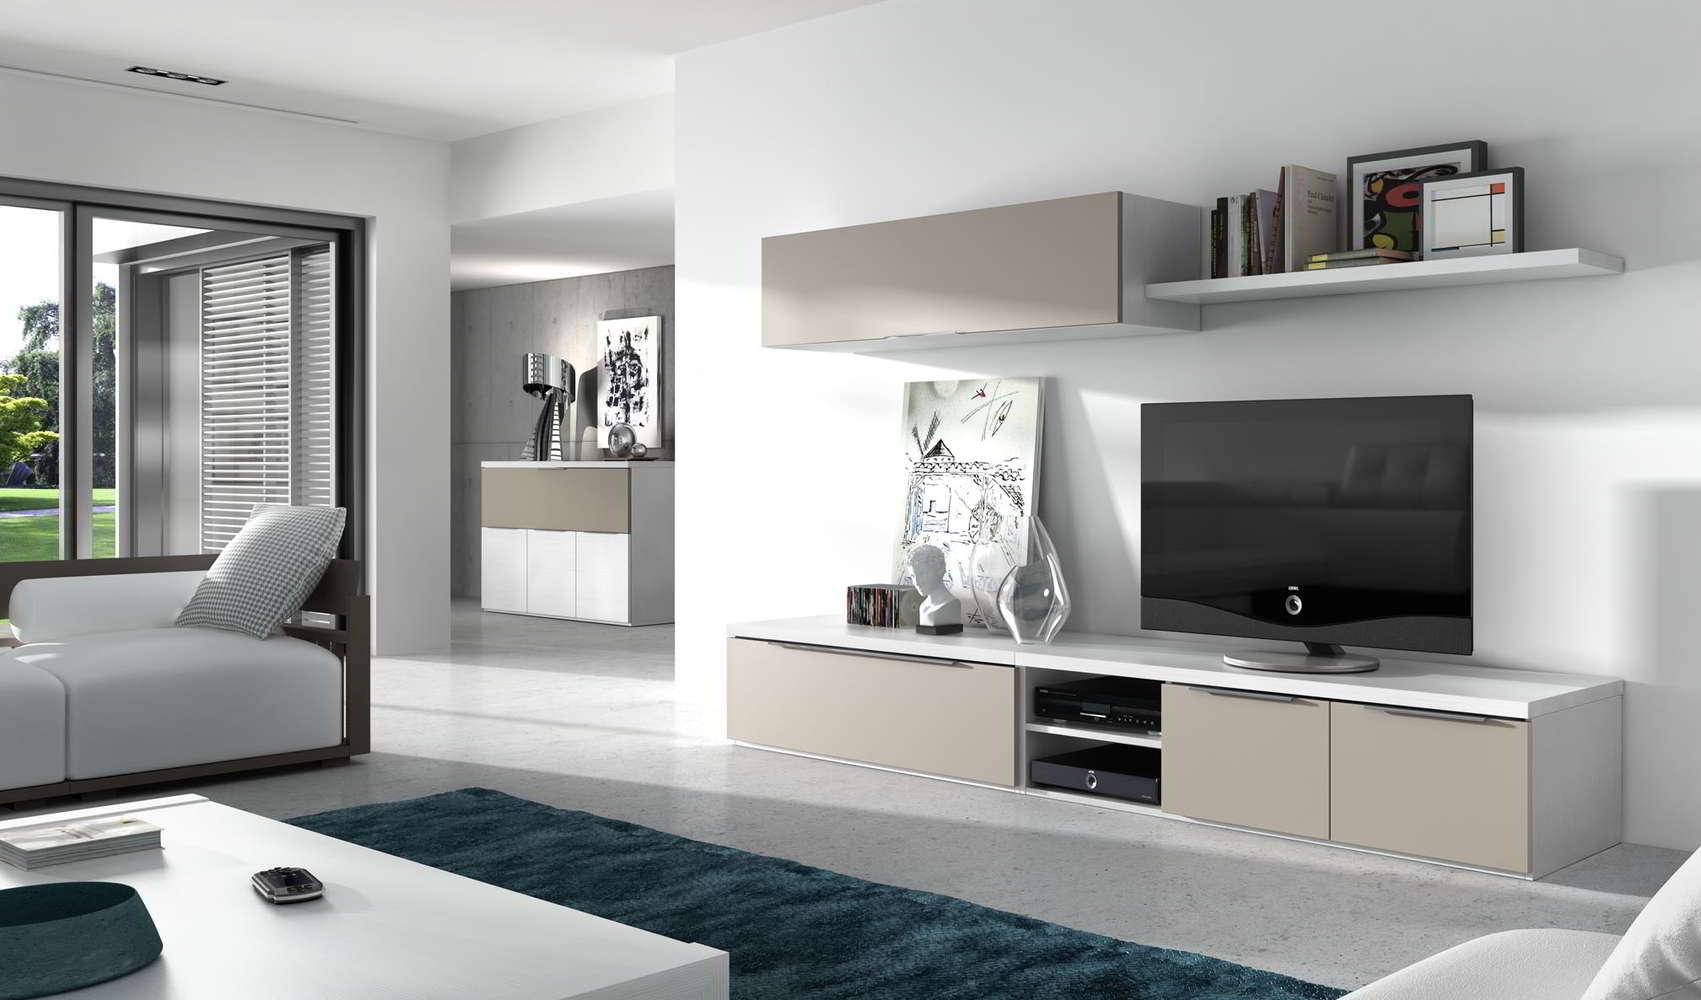 Muebles paco caballero ofertas del mueble for Comedores modernos color blanco